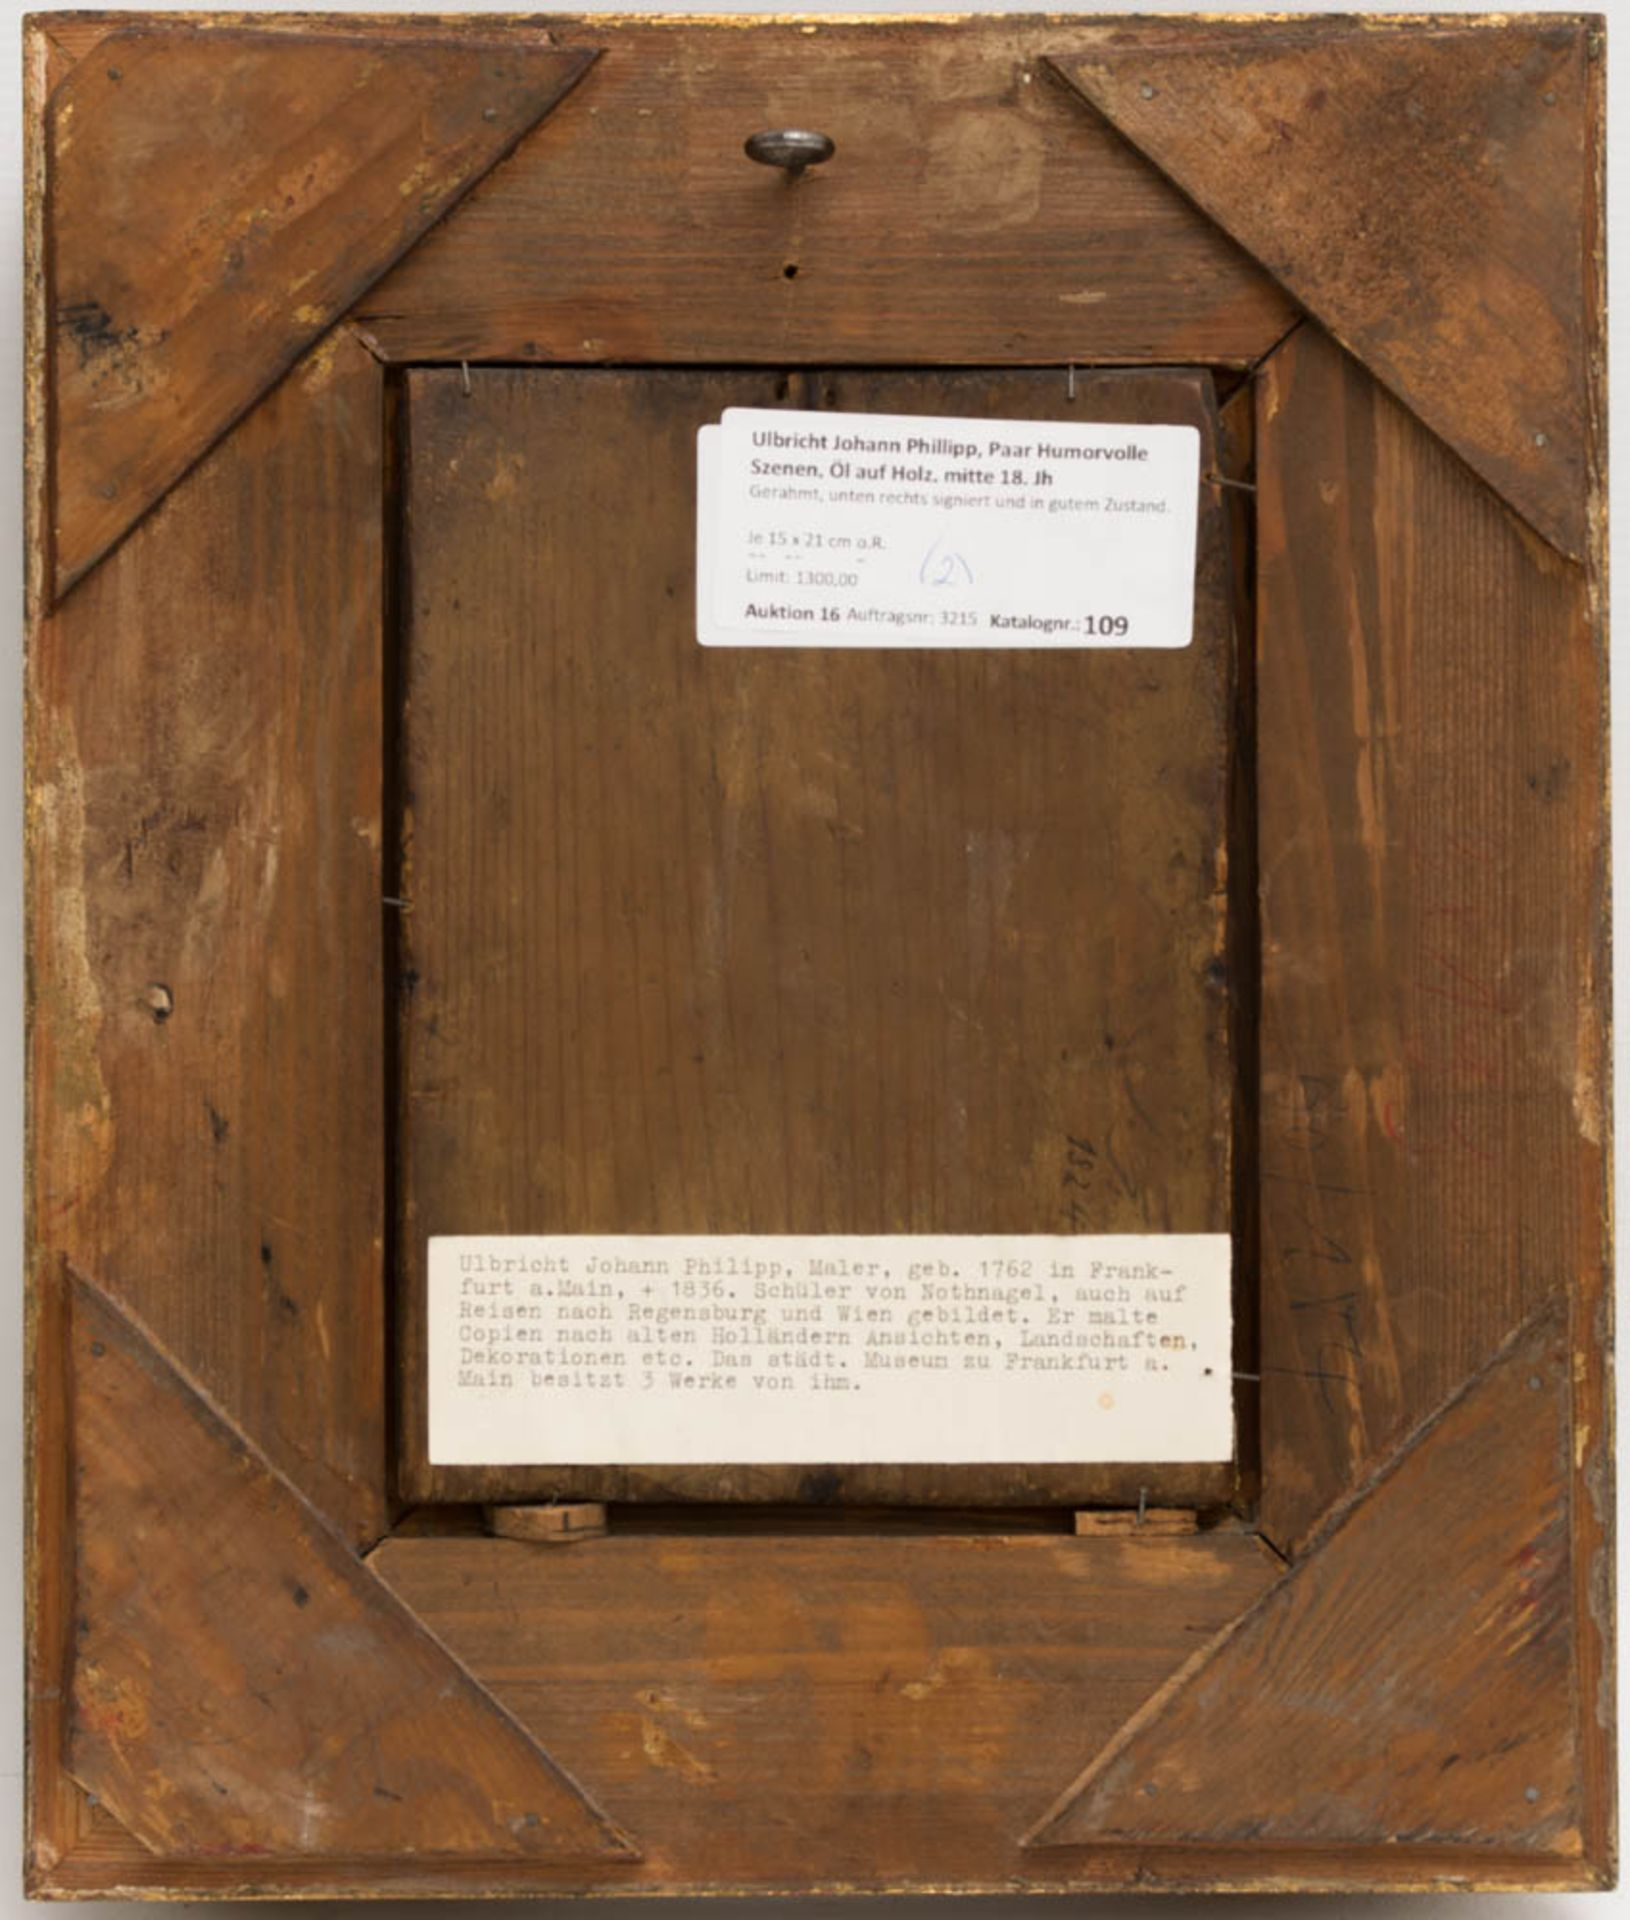 Johann Phillipp Ulbricht, Paar humorvolle Szenen, Öl auf Holz, Mitte 18. Jh. - Bild 8 aus 12